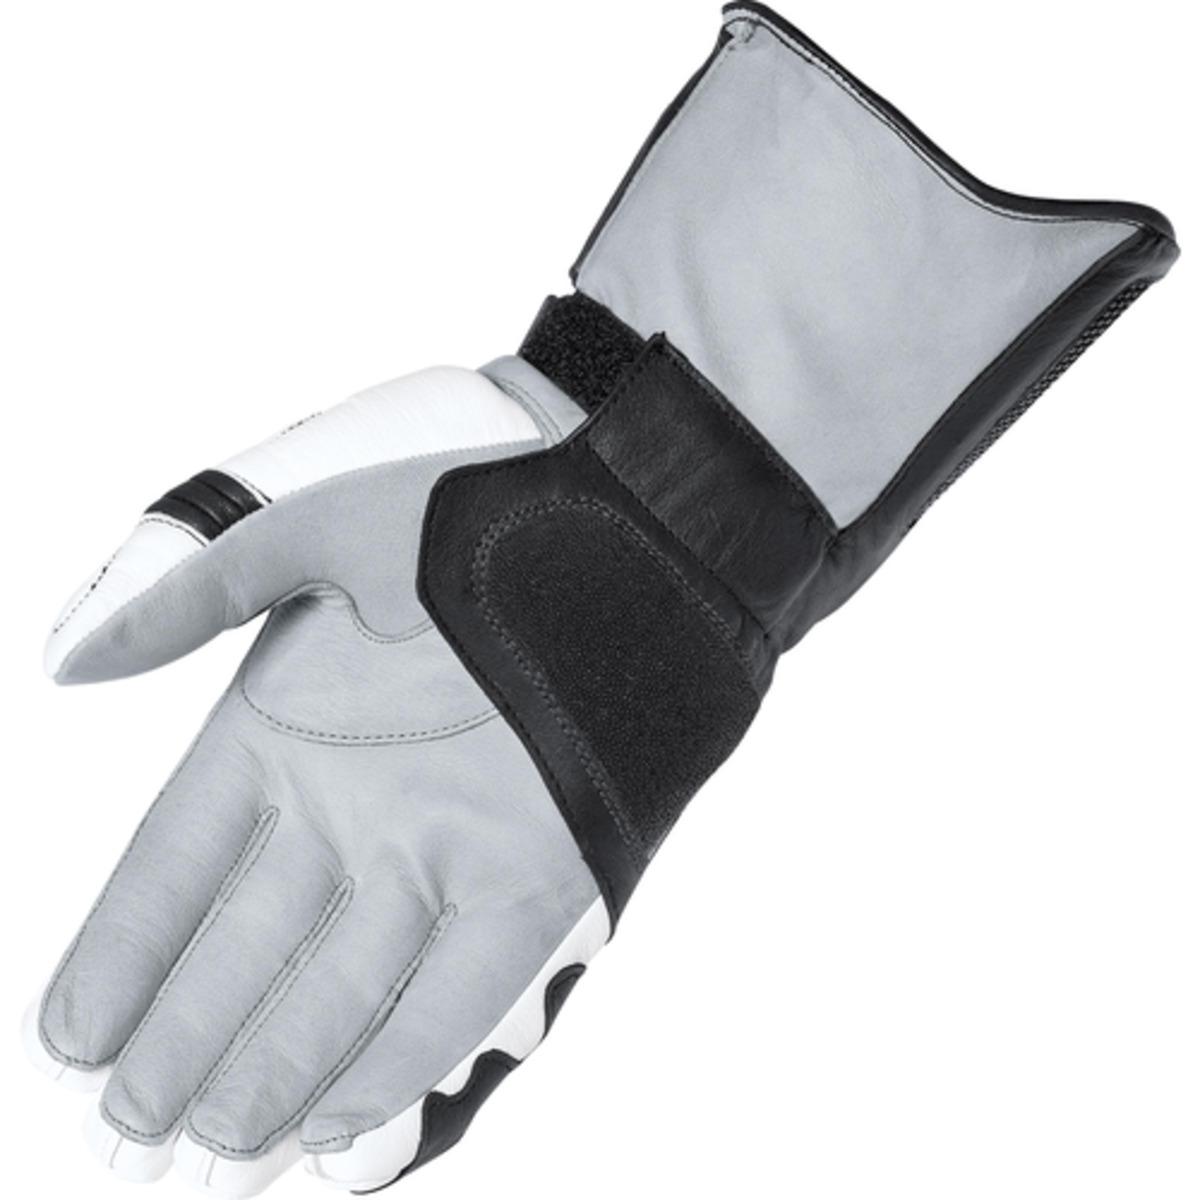 Bild 2 von Phantom II Handschuh